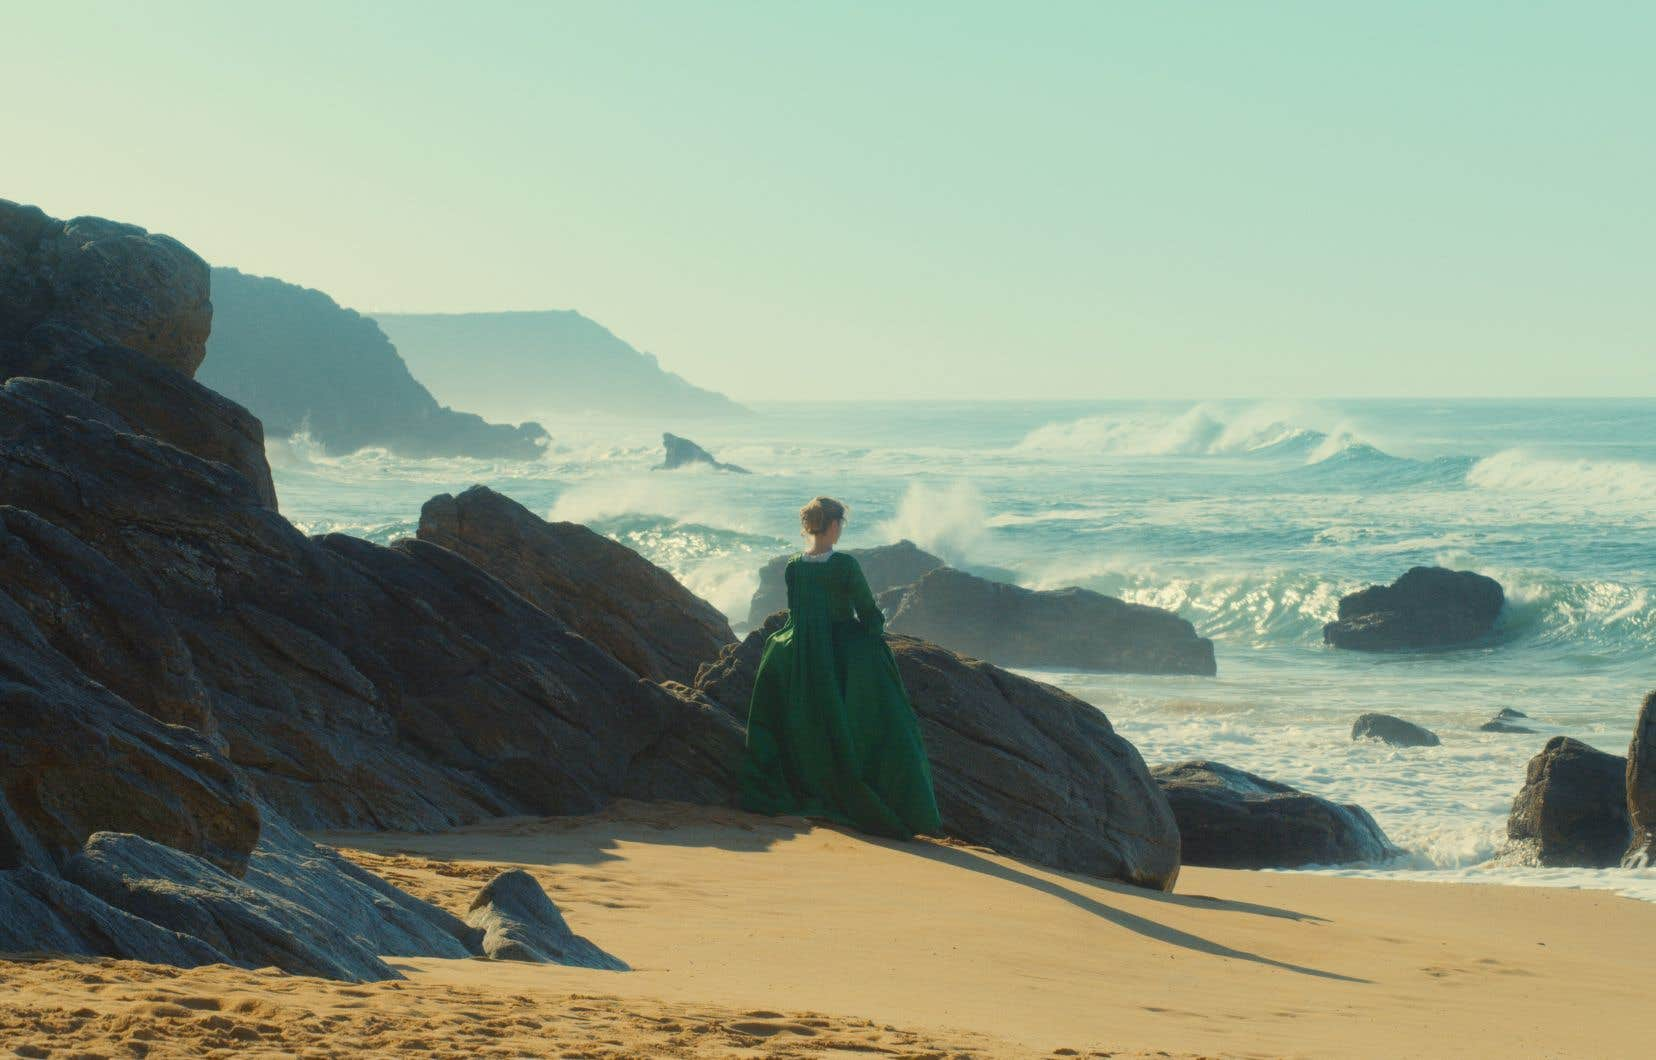 Tourner à Quiberon dans le Morbihan, côte sauvage de la Bretagne française, conférait un côté romantique au film. La nature y est à la fois hostile et désirable, en appel de liberté.